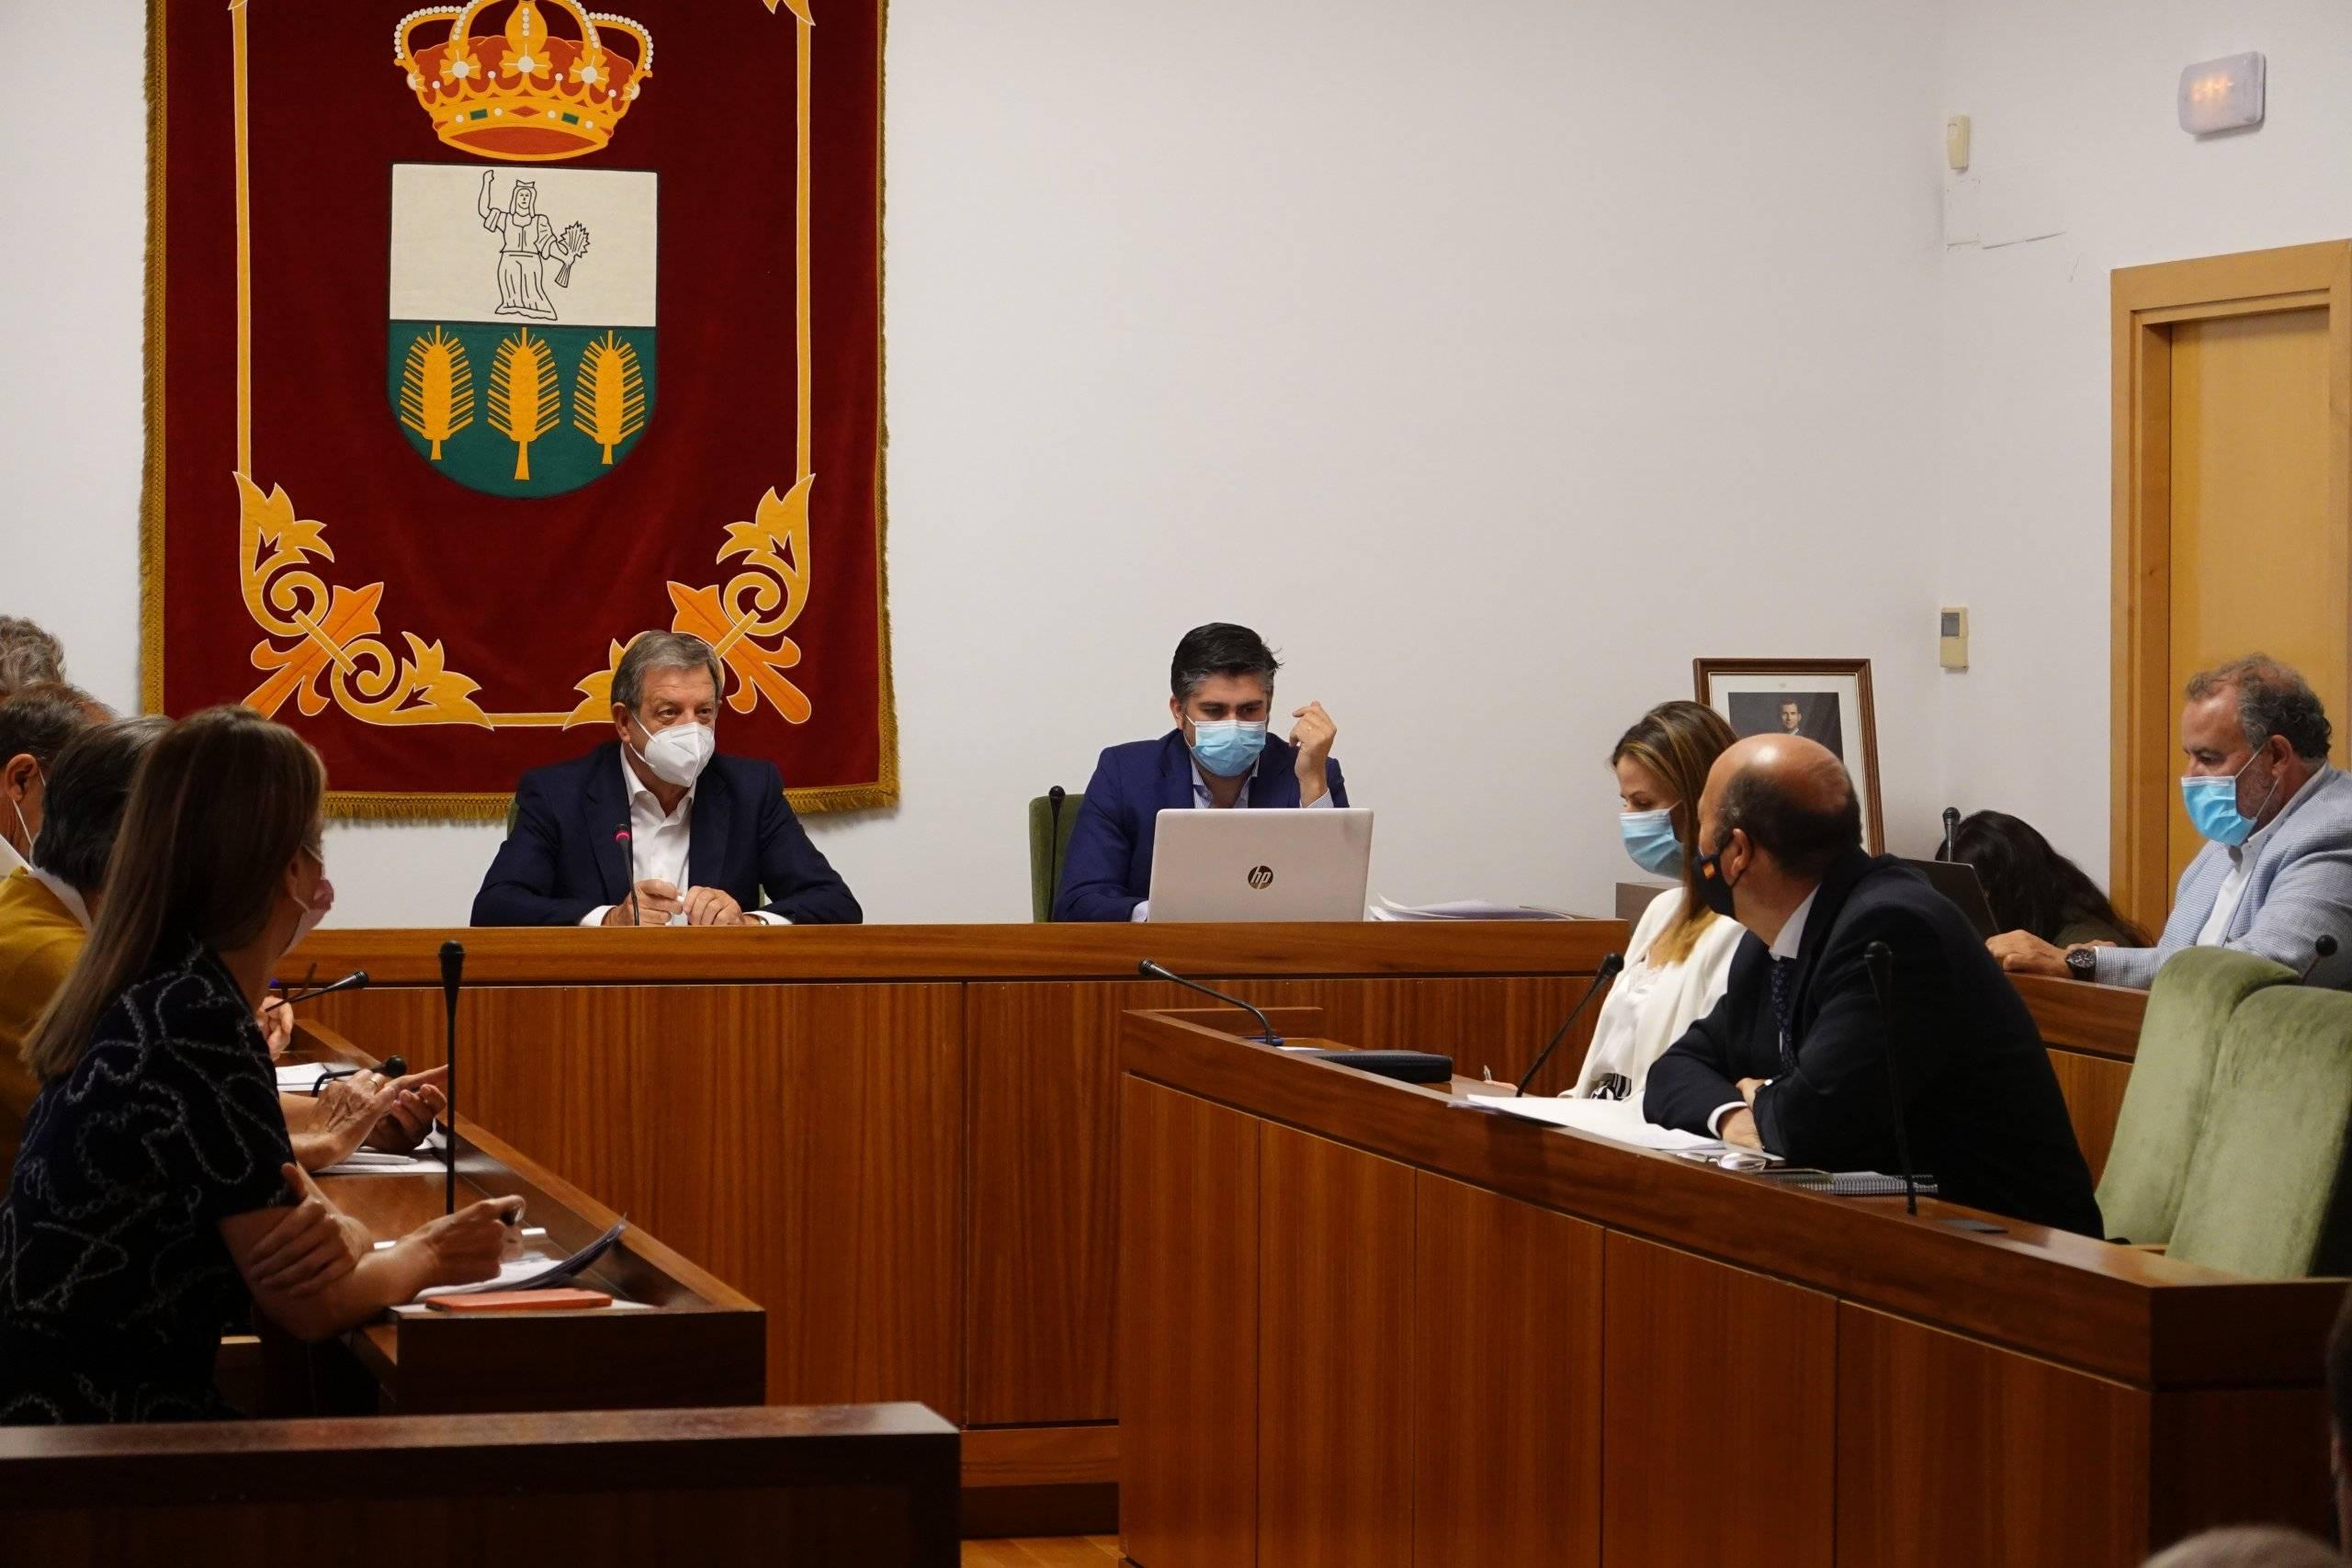 El alcalde, Luis Partida, presidiendo el pleno del Ayuntamiento.